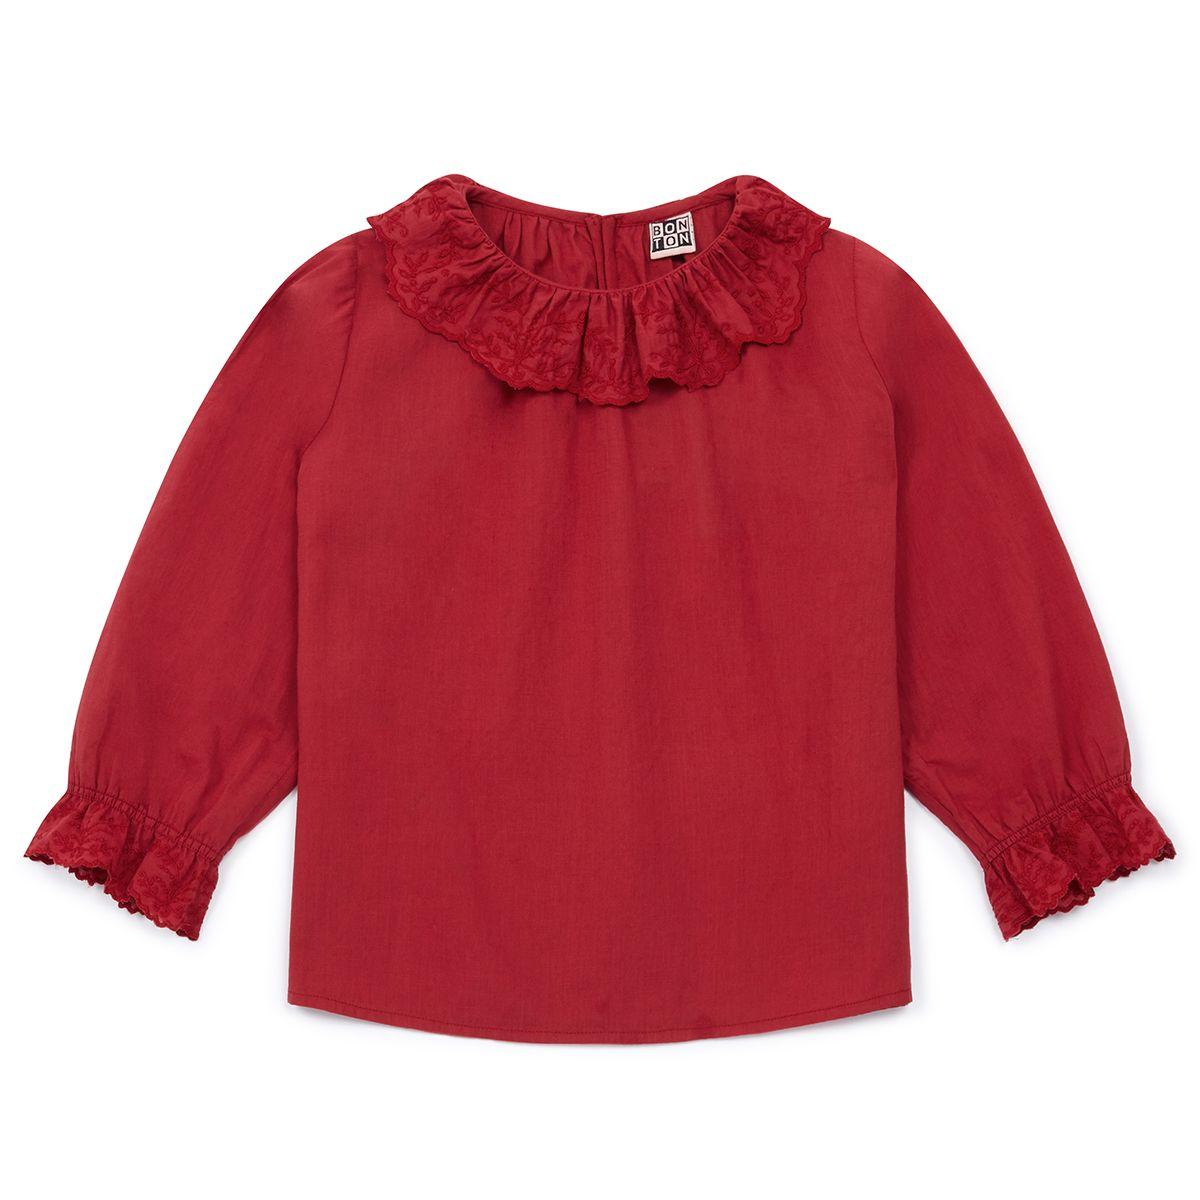 BONTON Toddler/Big Kid Embroidered Collar Blouse